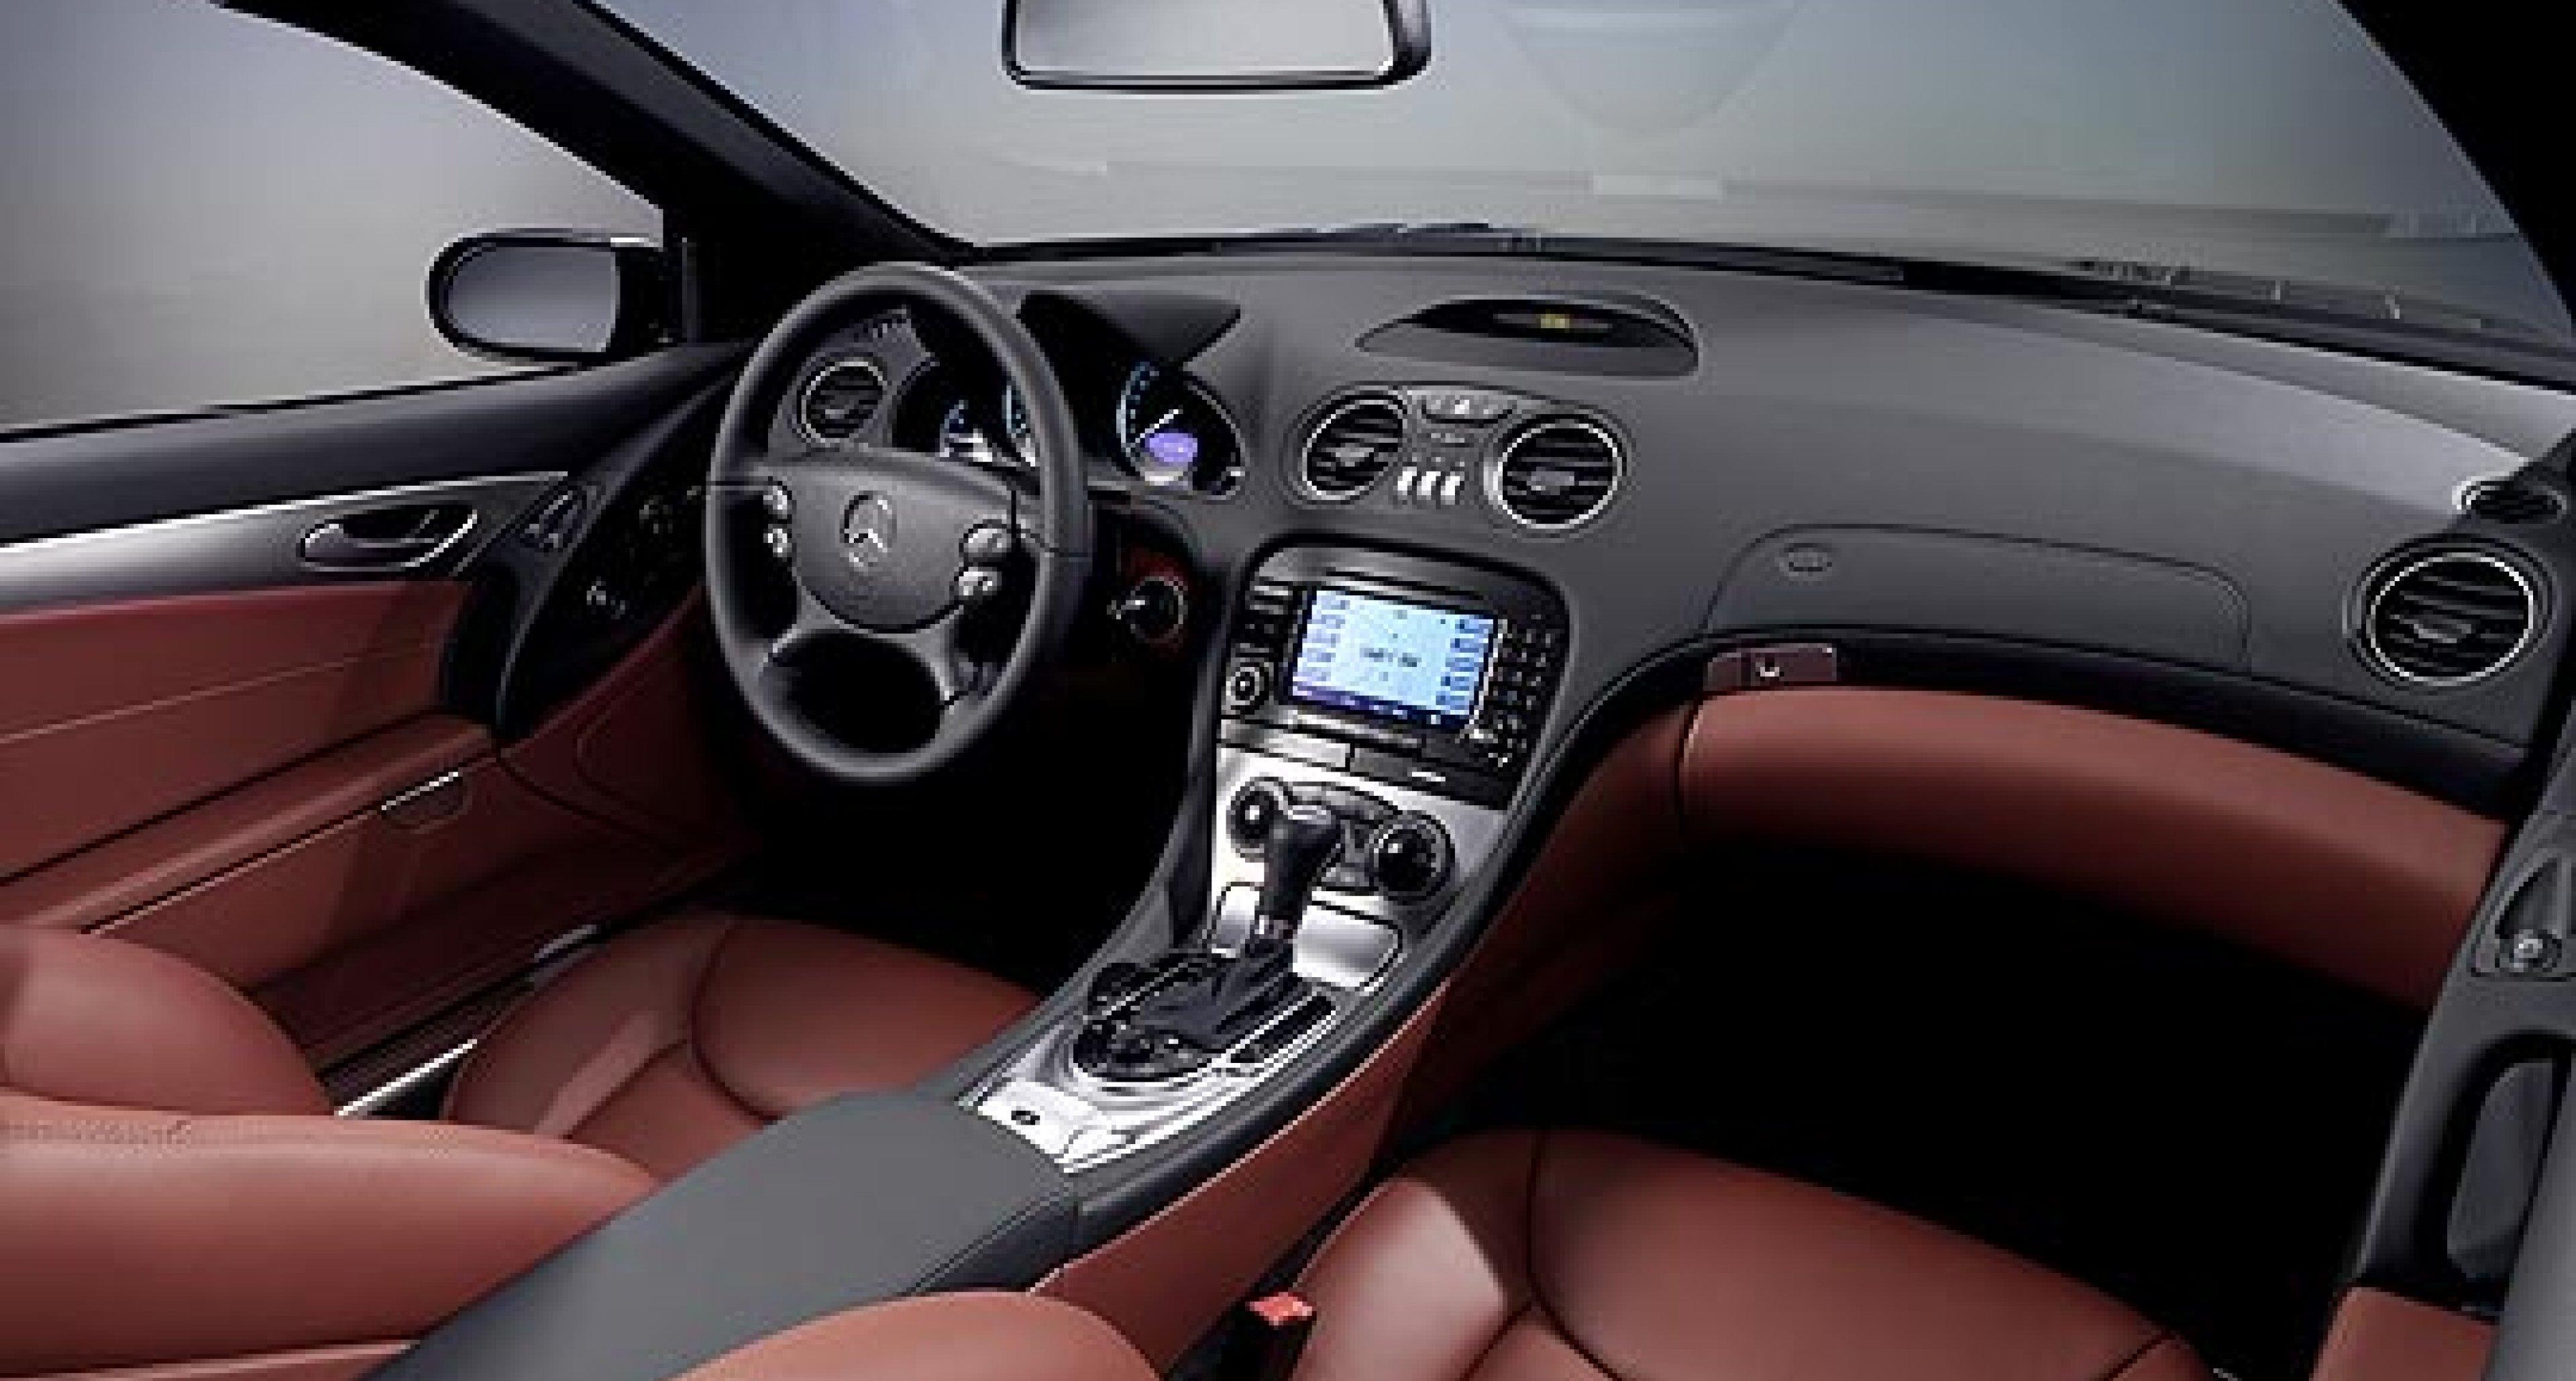 Facelifted Mercedes-Benz SL range